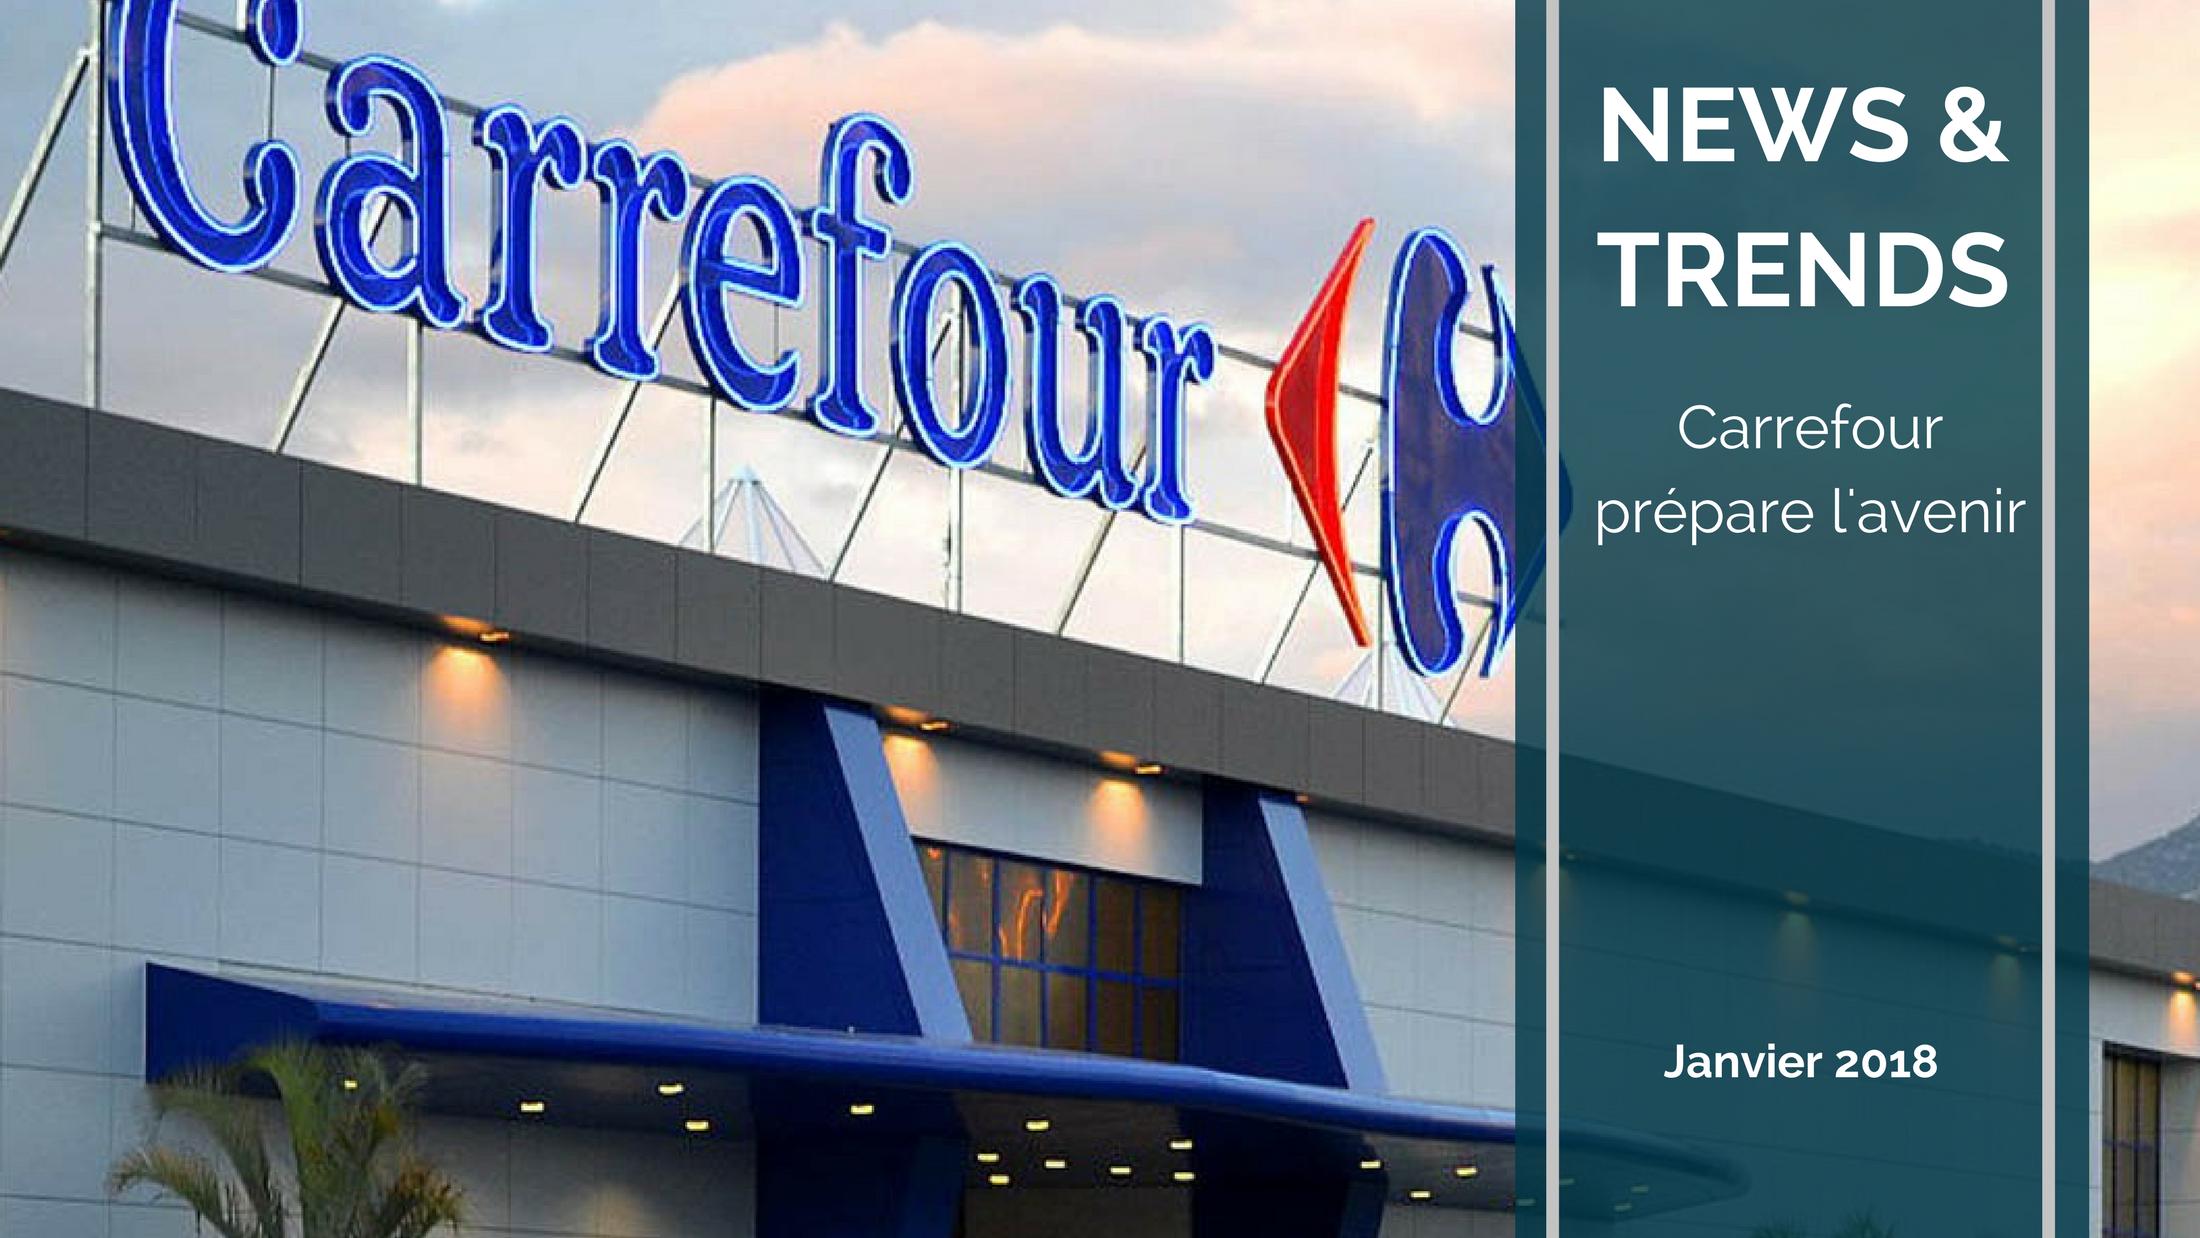 Trends News suite 5 - Magasins de Proximité, accélération digitale, bio... : Carrefour met le cap sur l'avenir